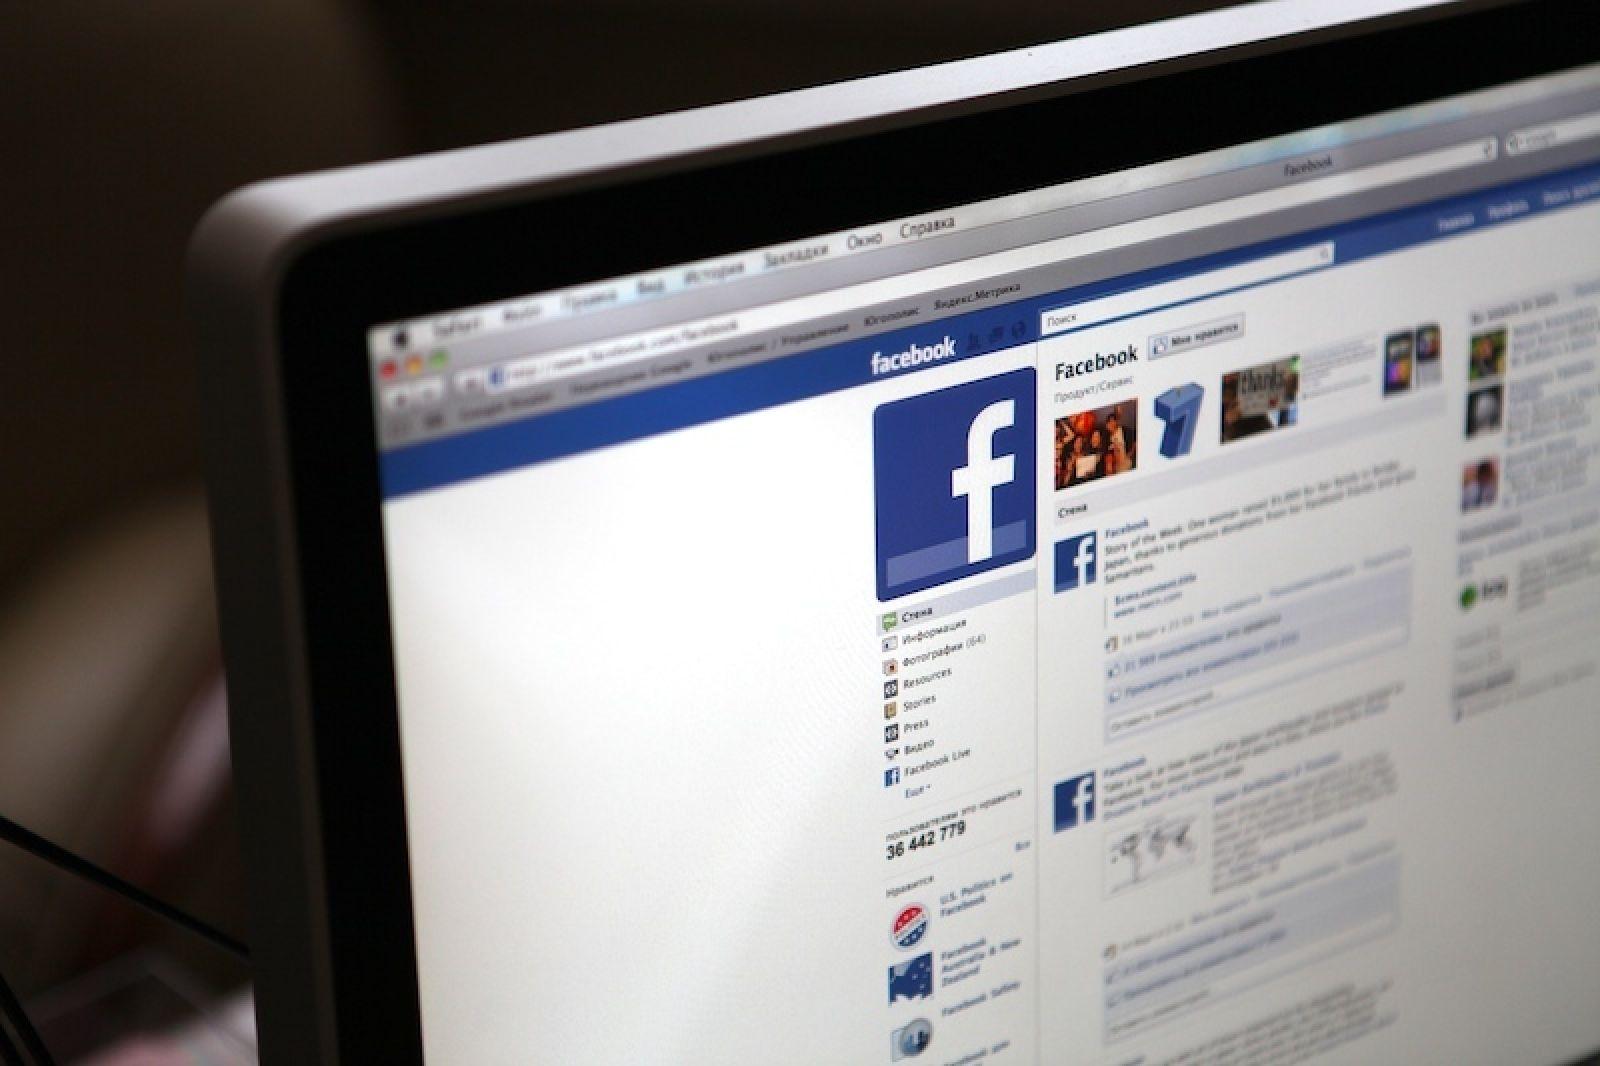 тренажёр зачем фейсбук требует фото особое